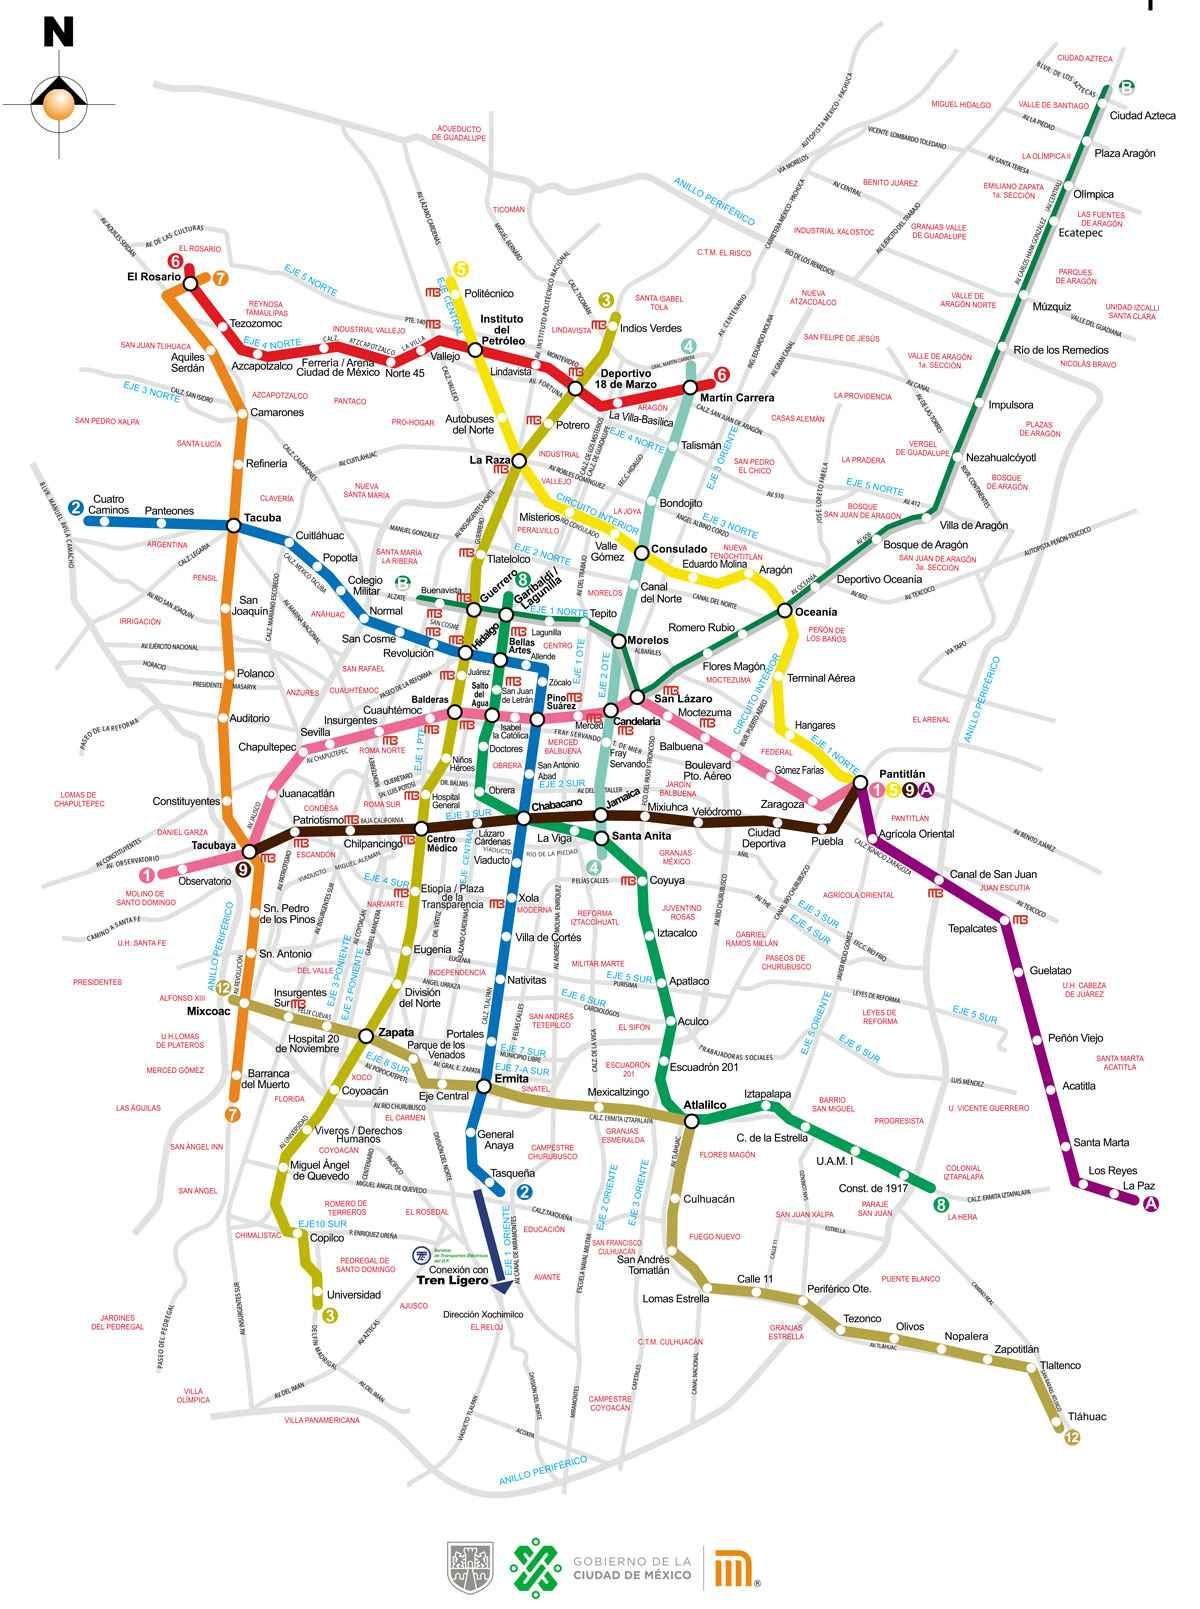 Experiencia de usuario: mapa del metro de la Ciudad de México